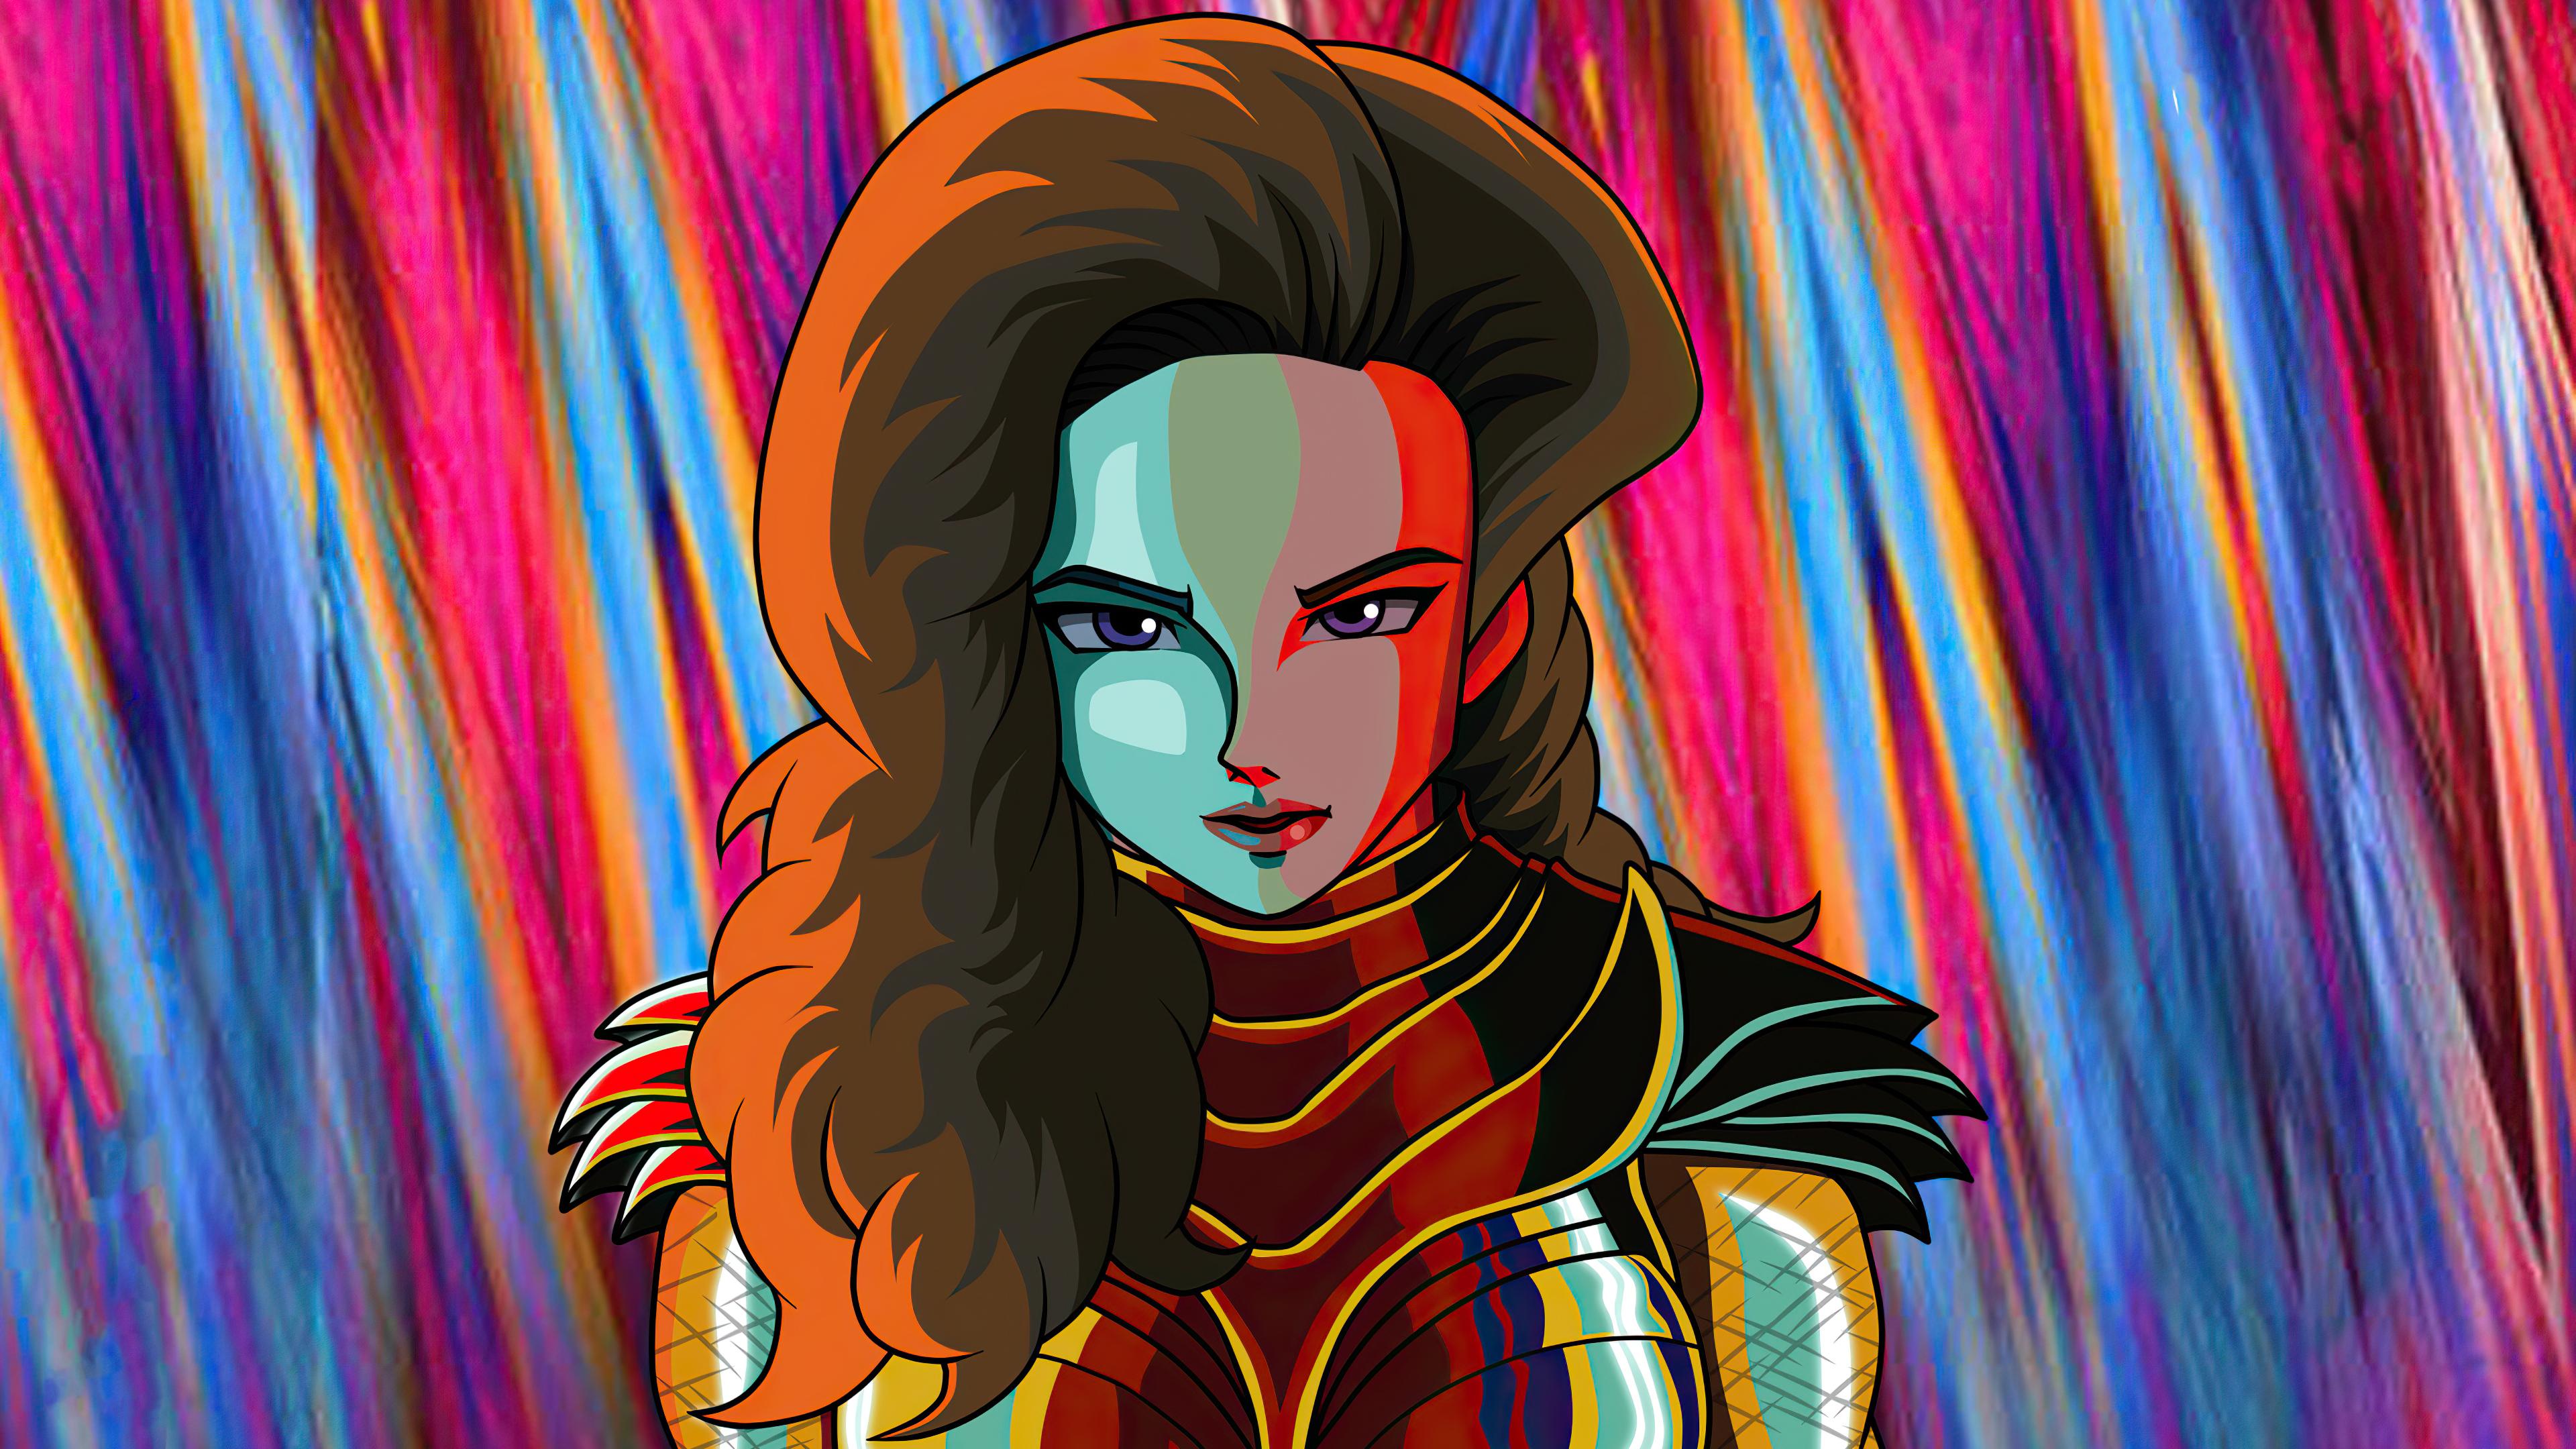 Wallpaper Ilustración Wonder woman 2020